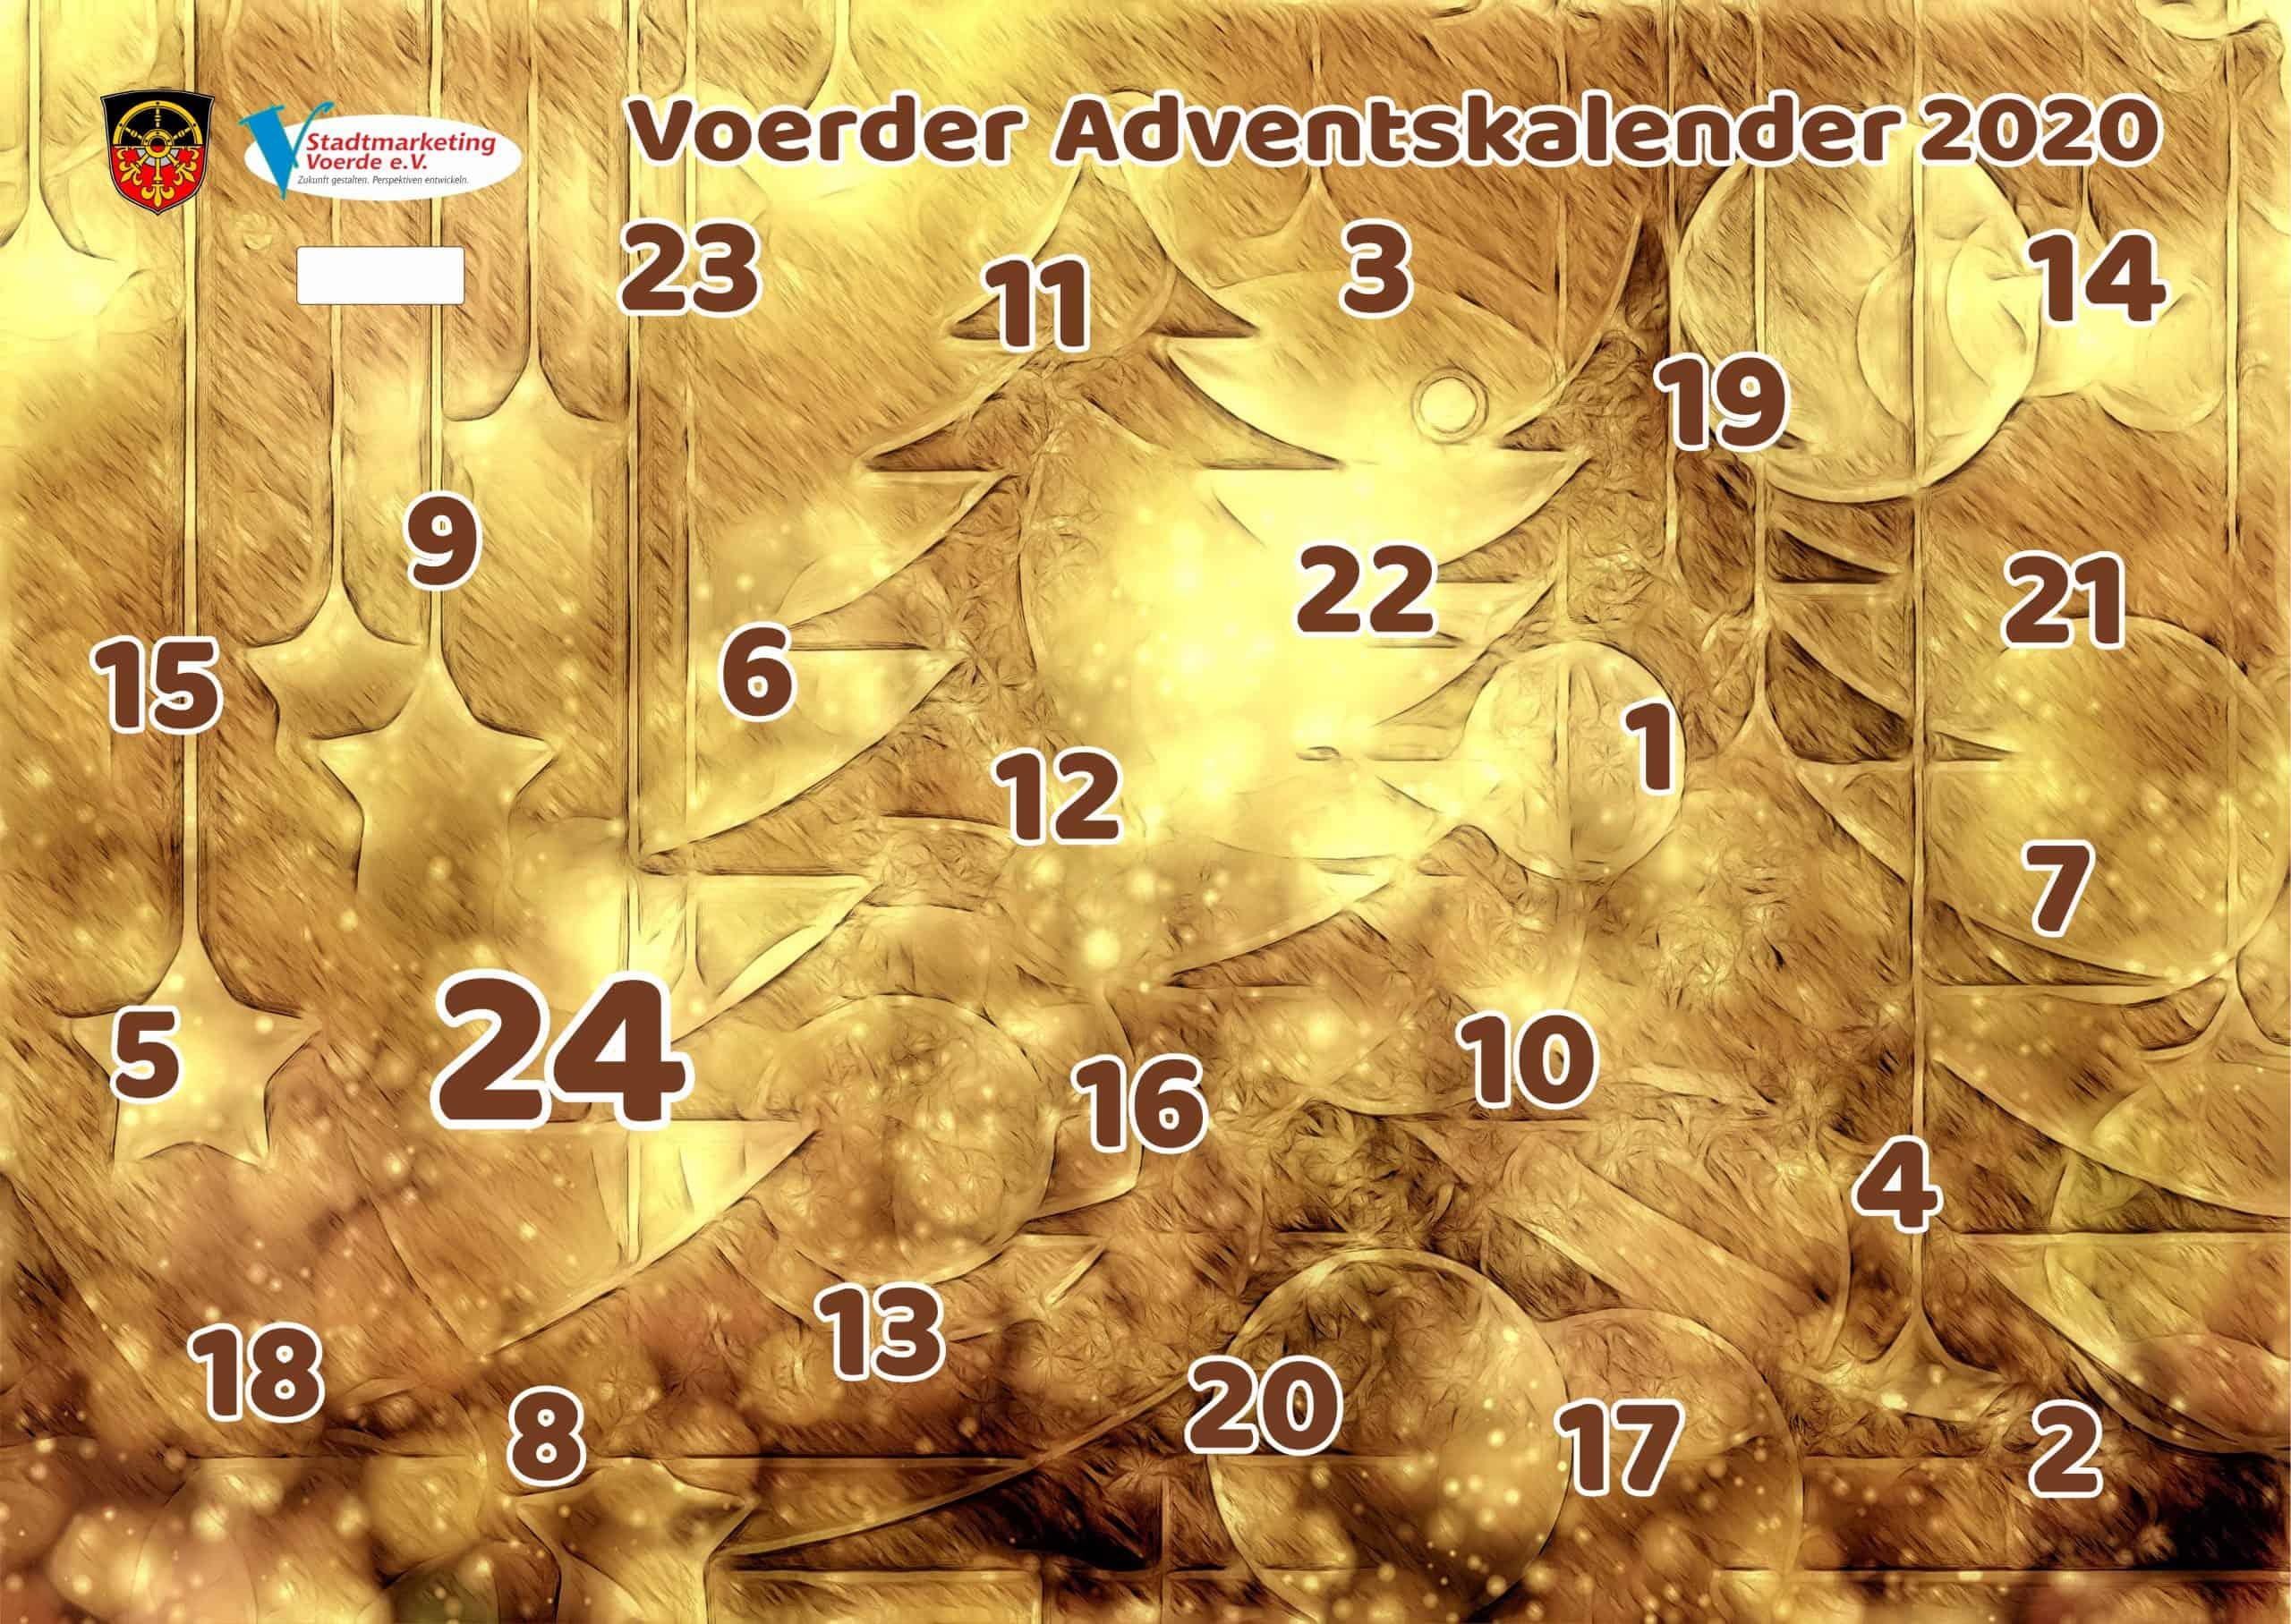 Das Bild zeigt den Voerder Adventskalender